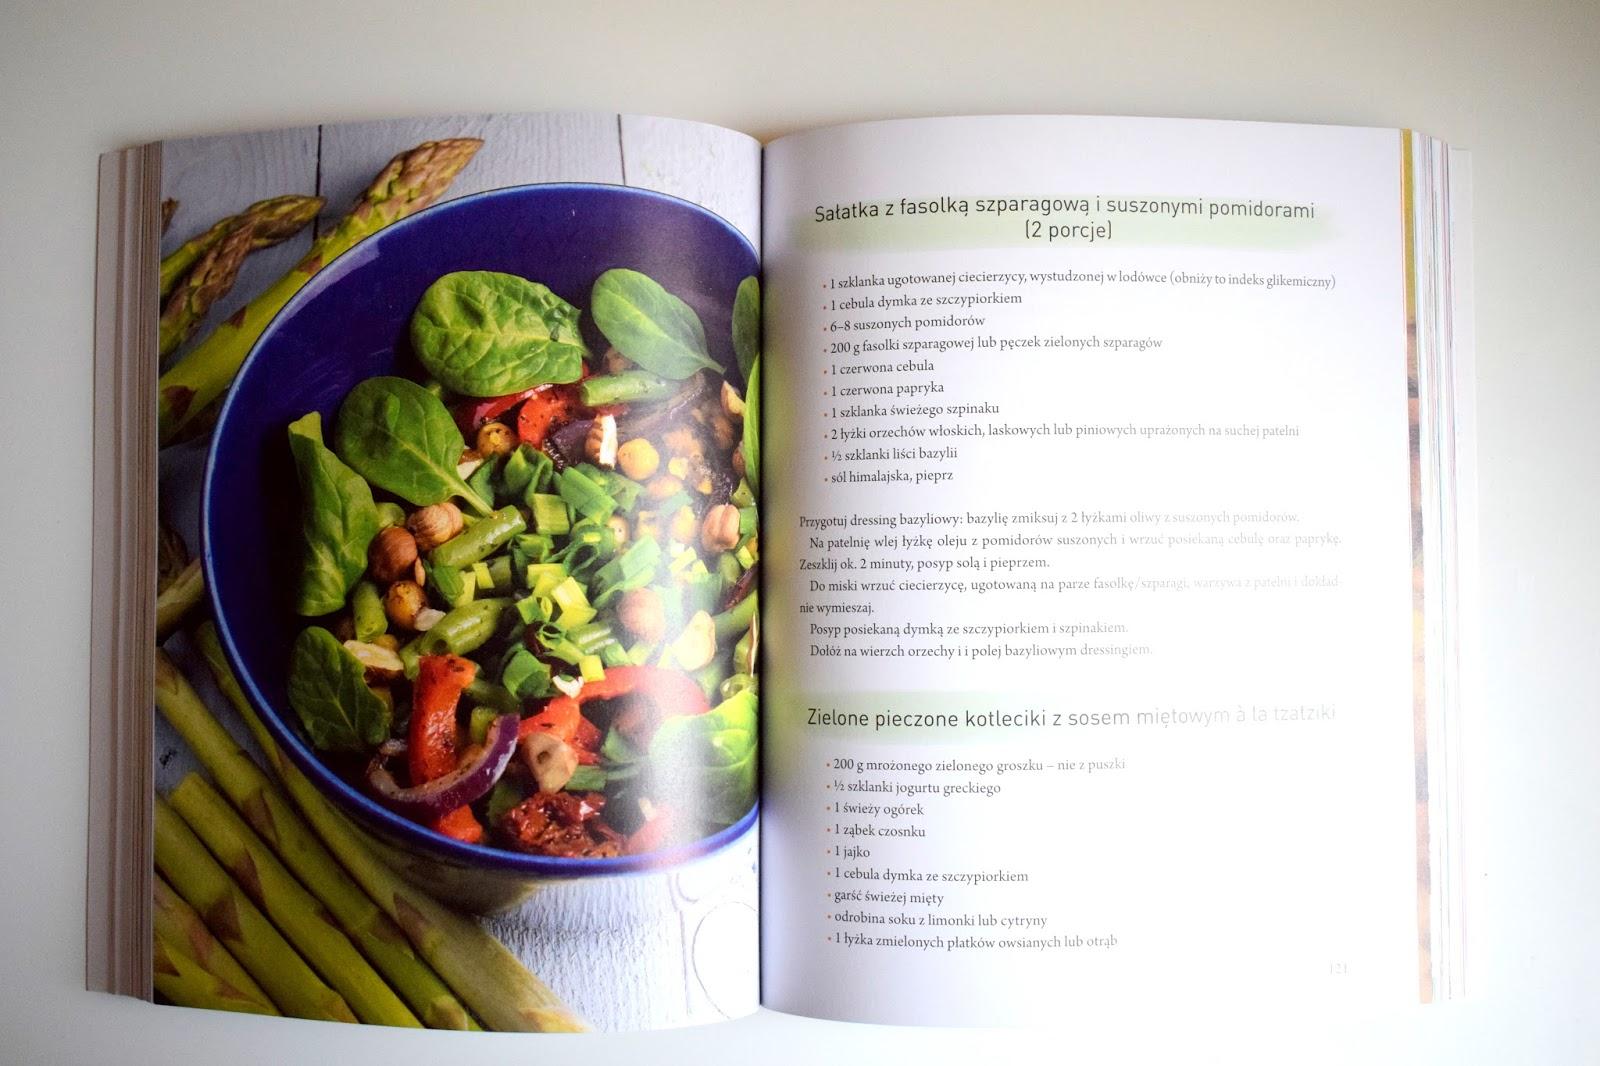 Zdrowie Na Jezyku Recenzja Jedz Pysznie Z Niskim Indeksem